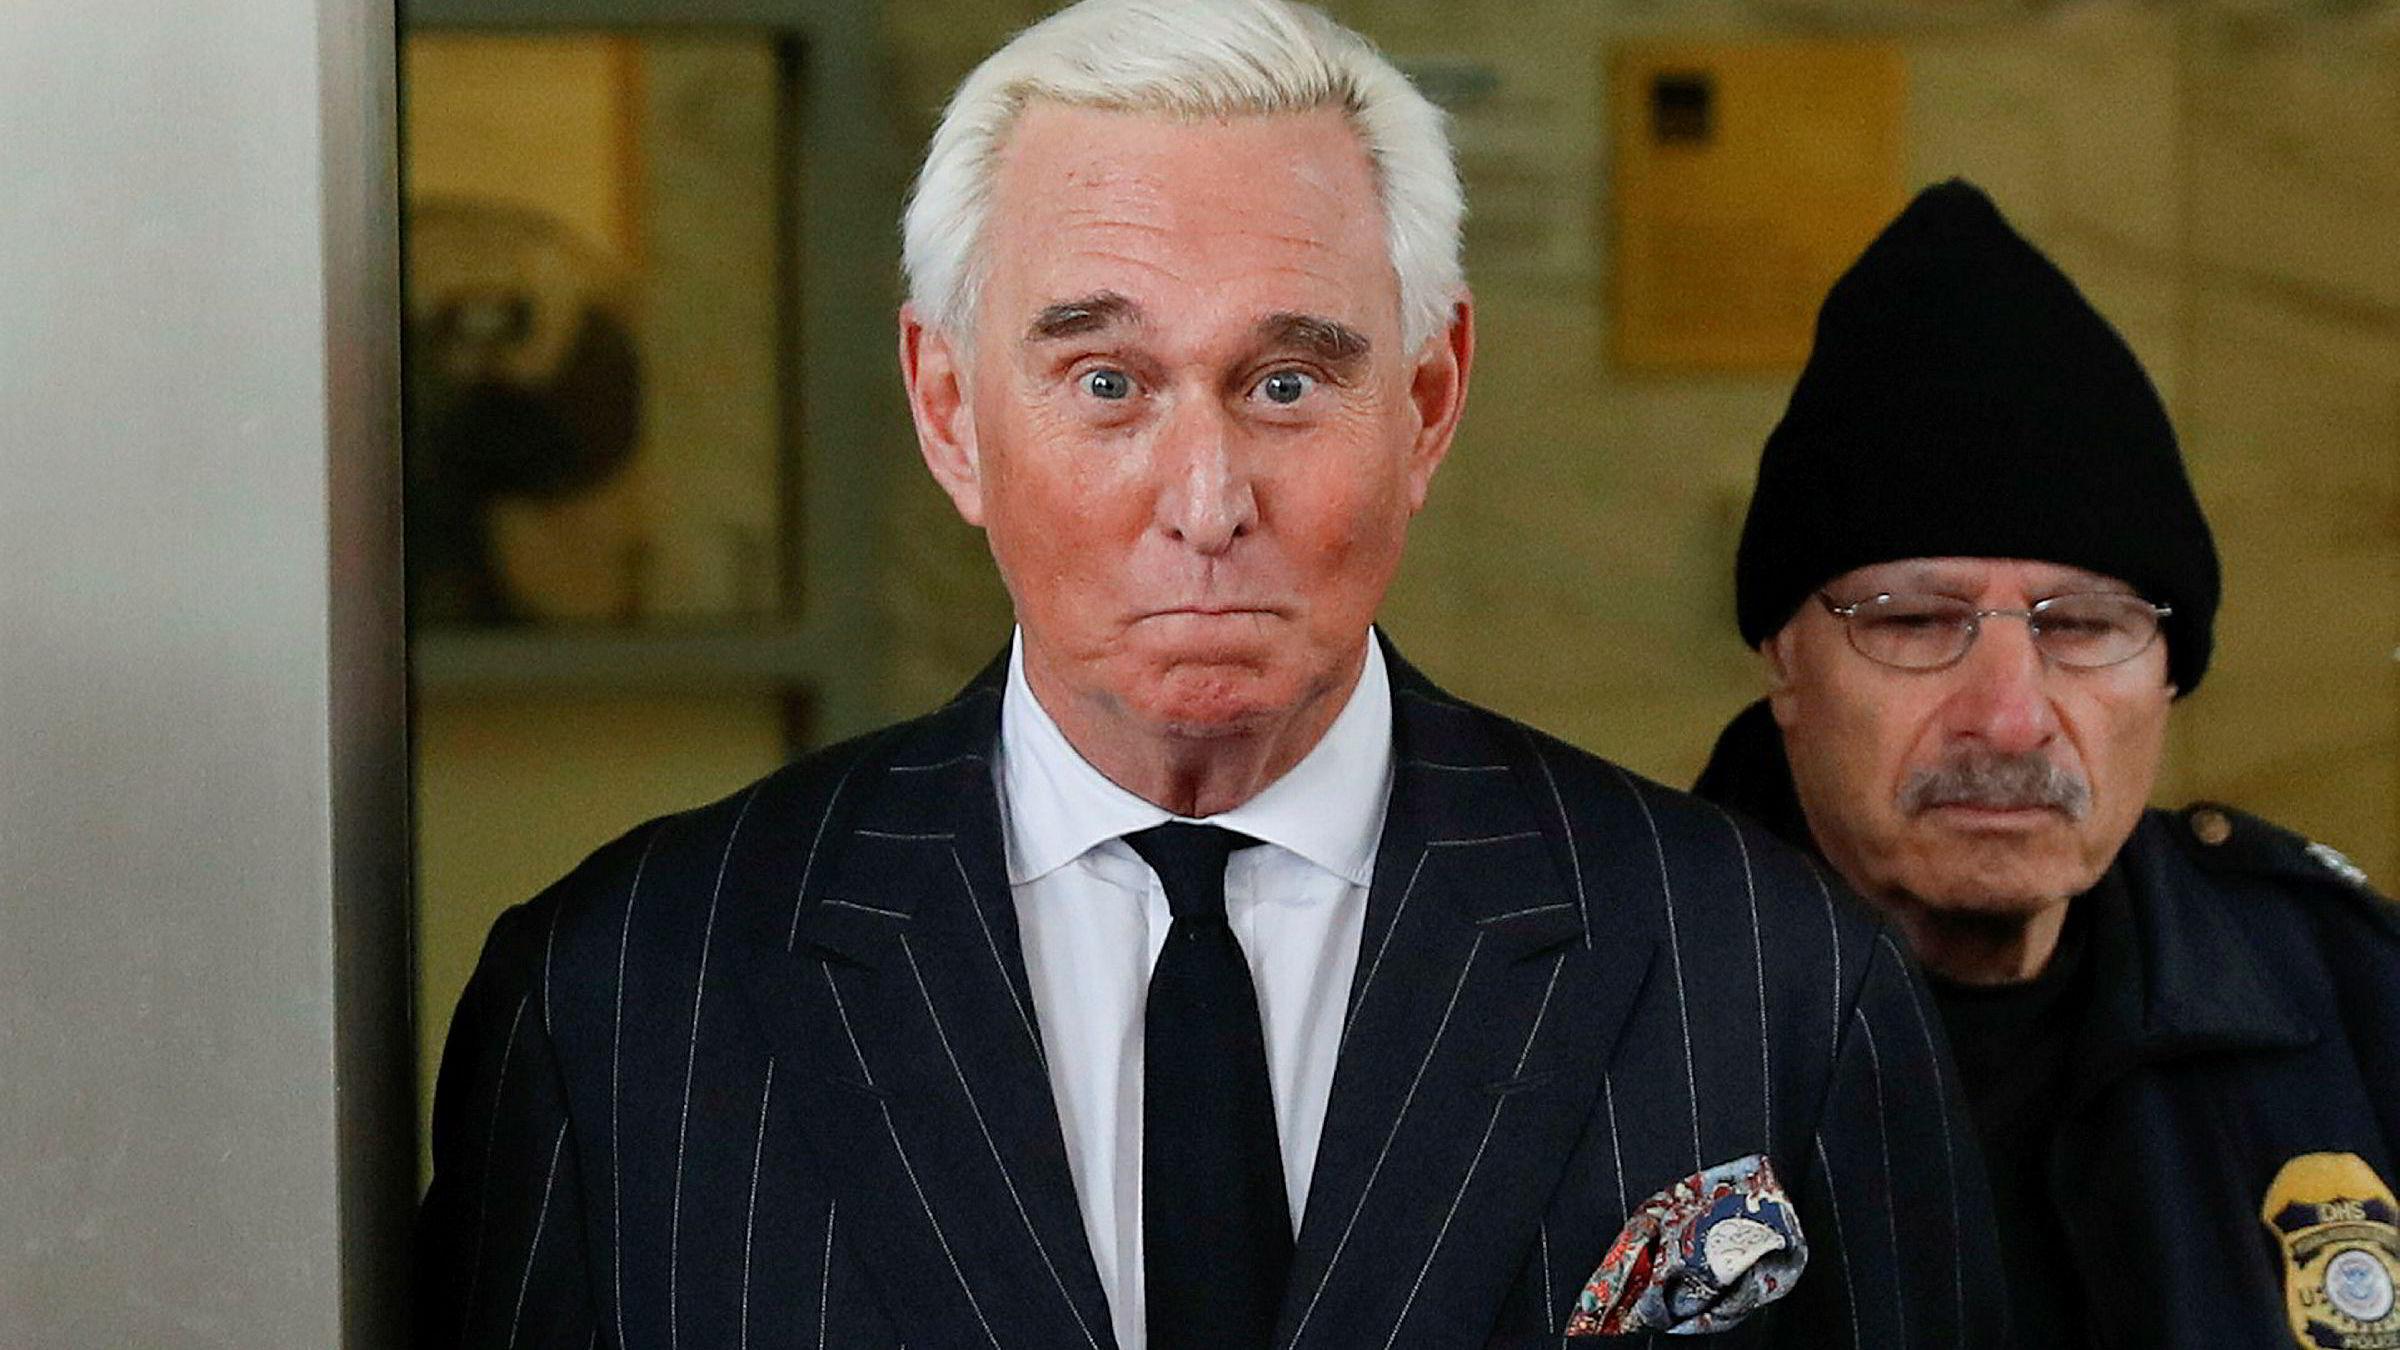 Alle fire medlemmene av aktoratet i saken mot Trump-rådgiver Roger Stone har trukket seg fordi USAs justisdepartement vil gripe inn og anbefale lavere straff.